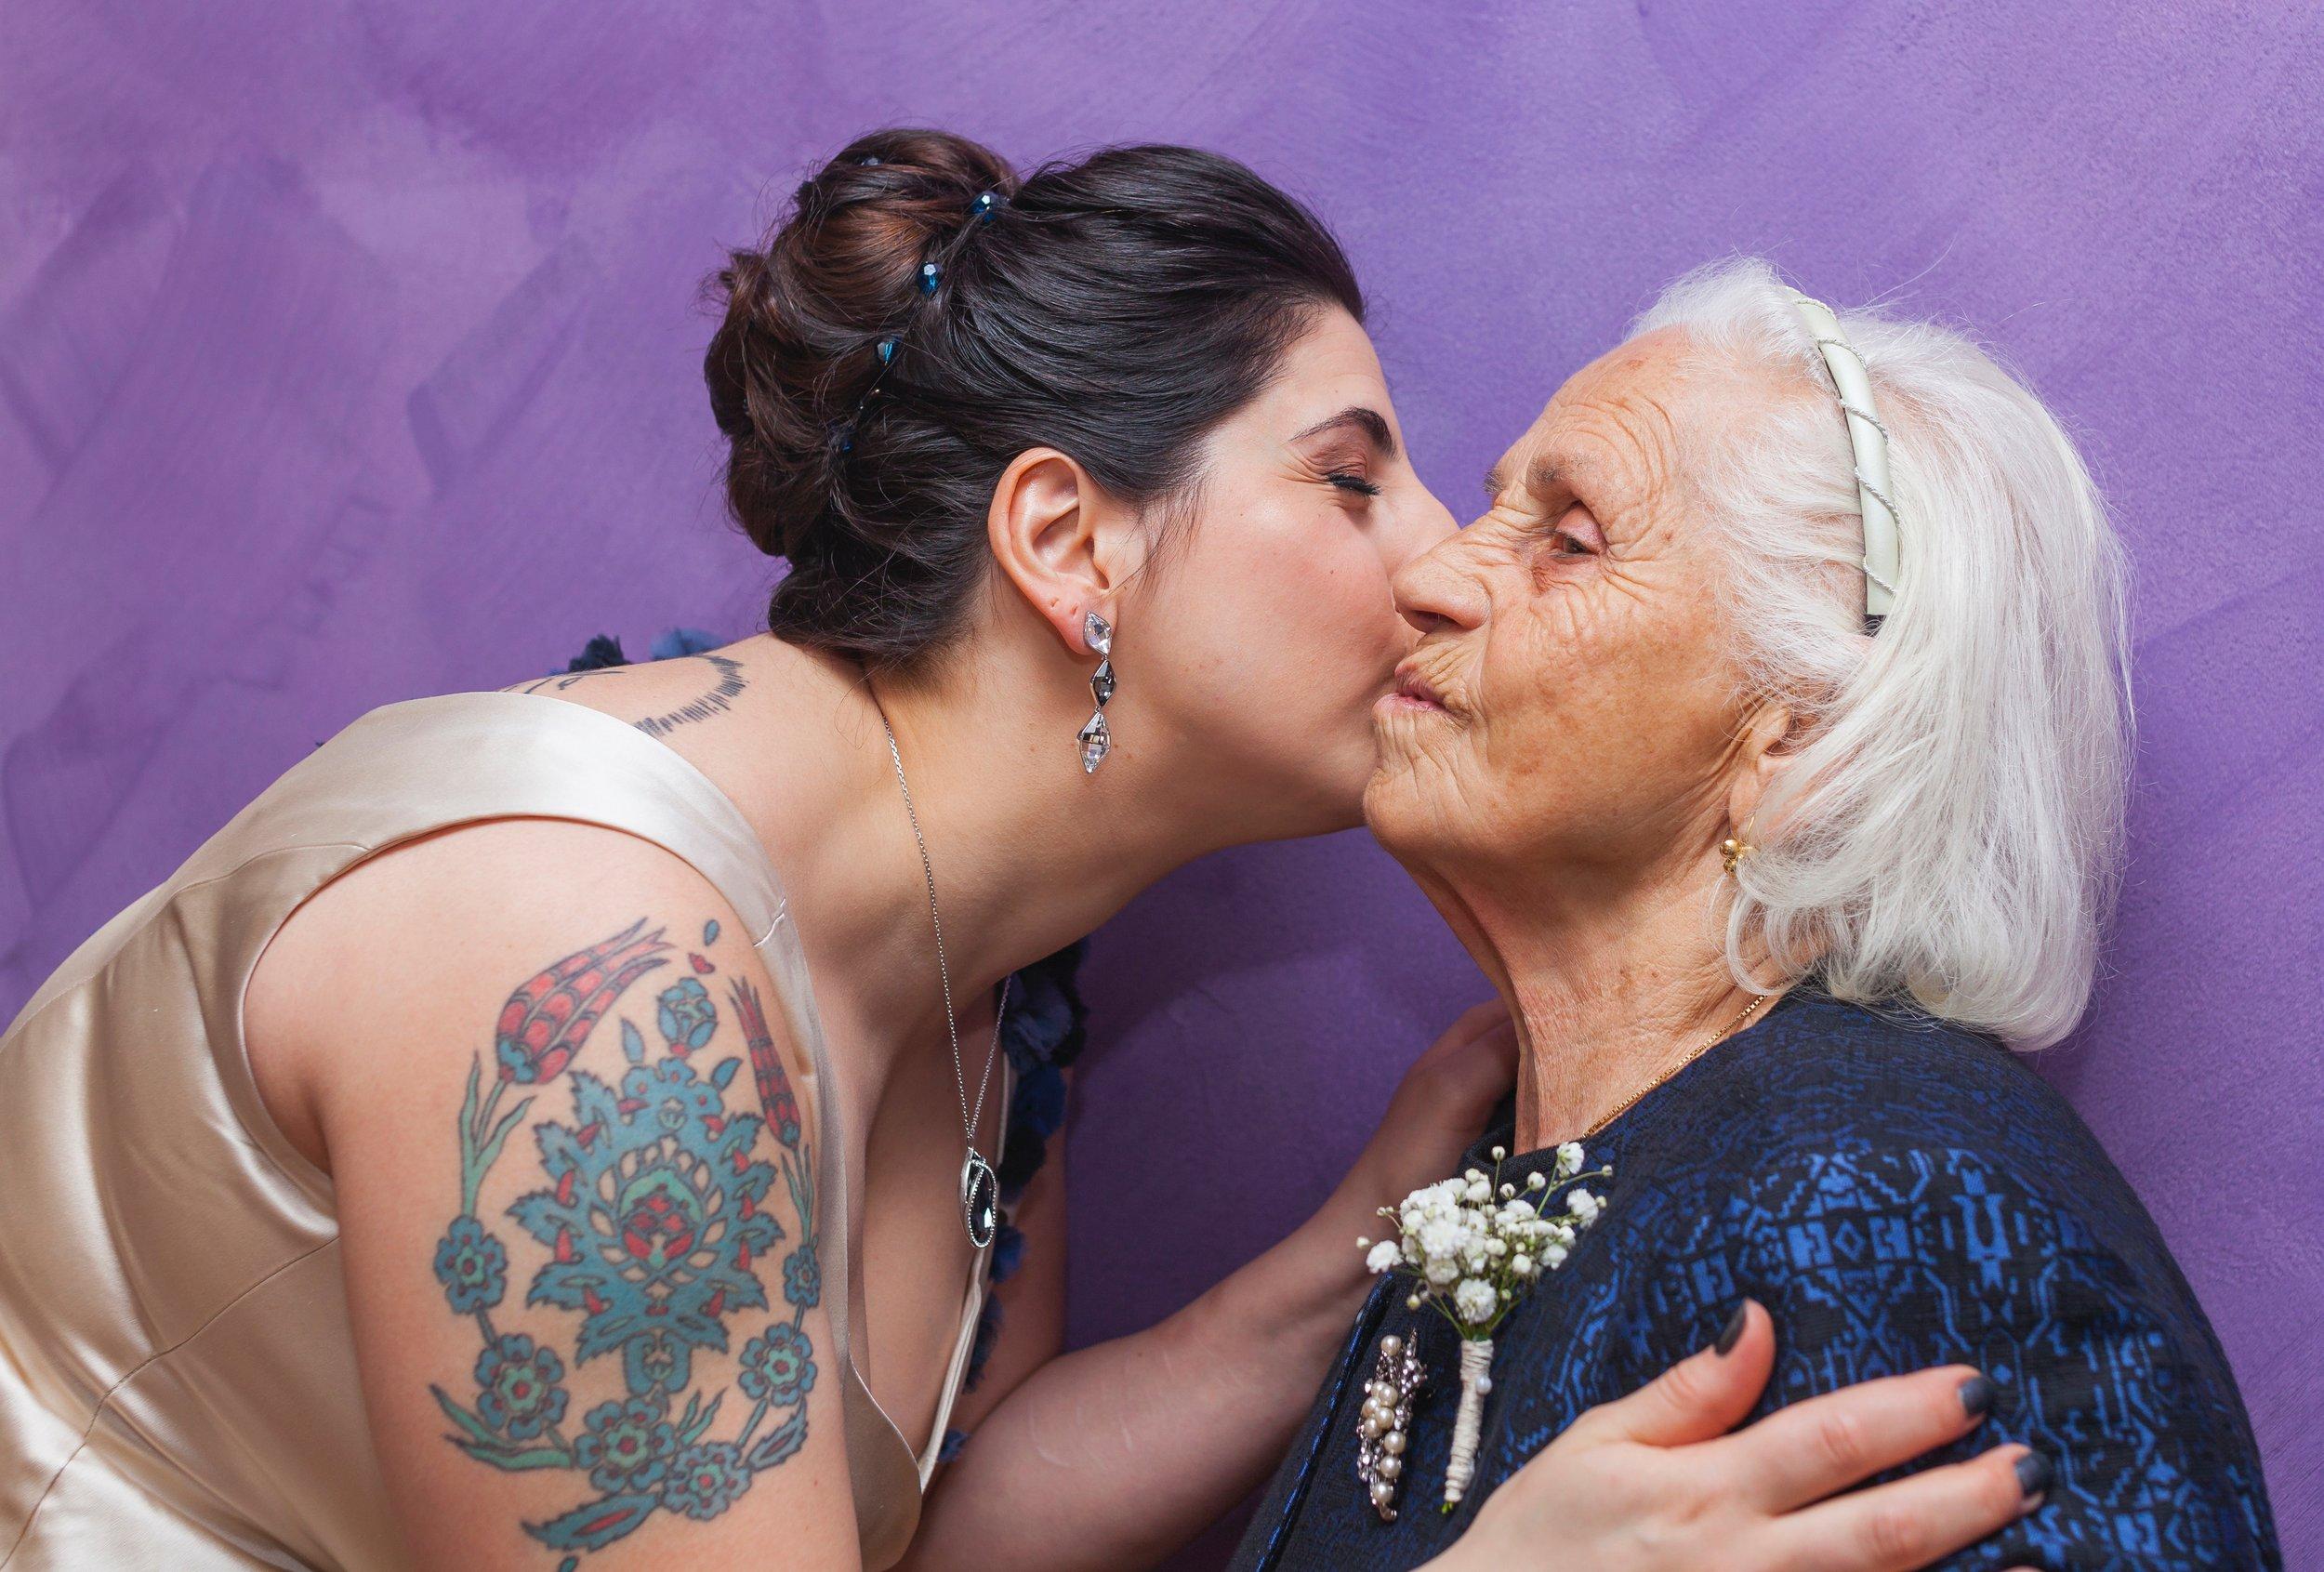 adult-affection-embrace-1421769.jpg